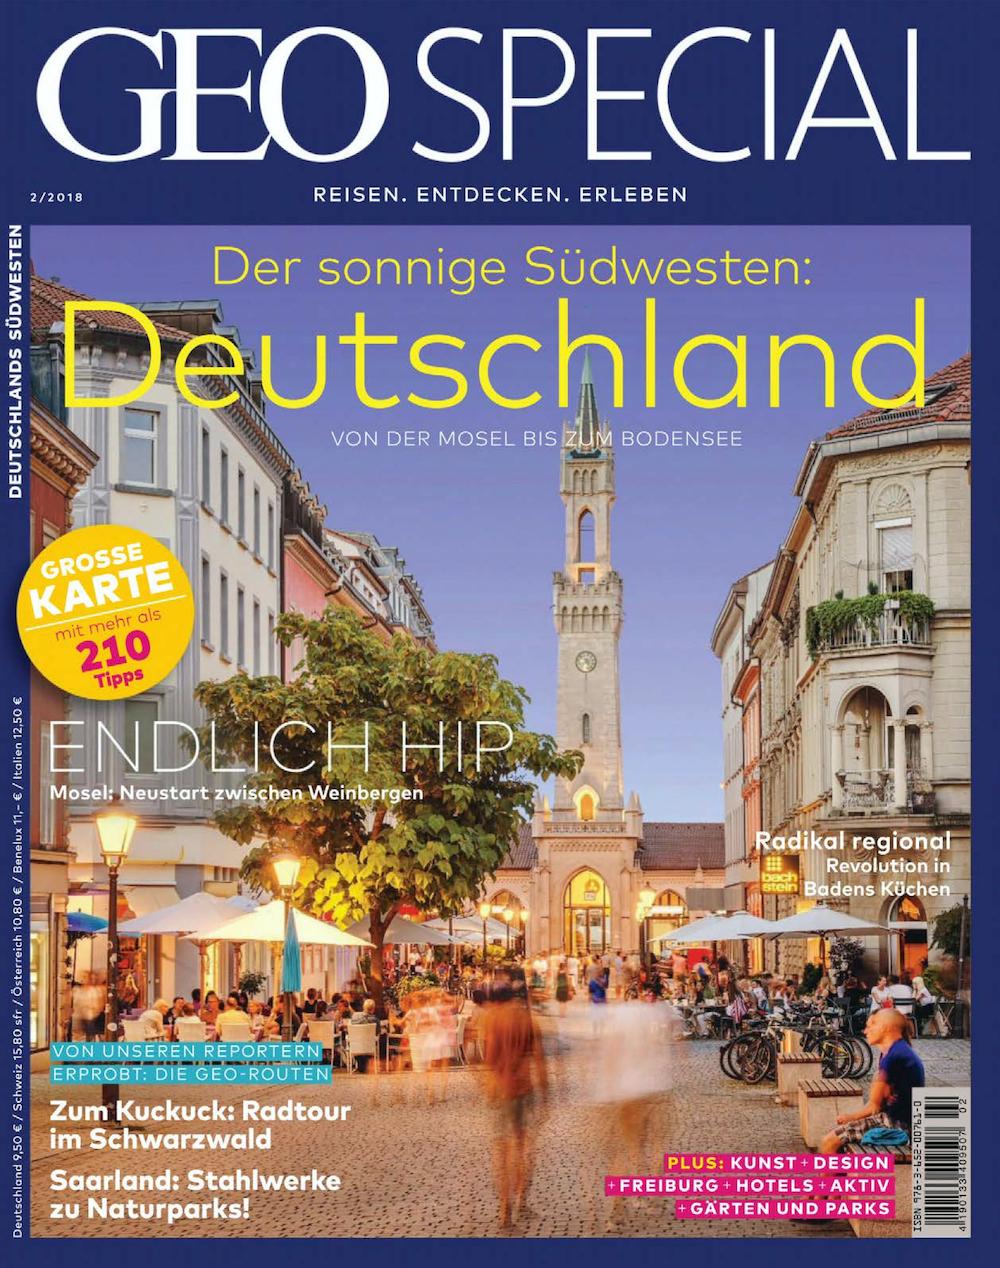 GEO Special 2018-02 Deutschland - Von der Mosel bis zum Bodensee